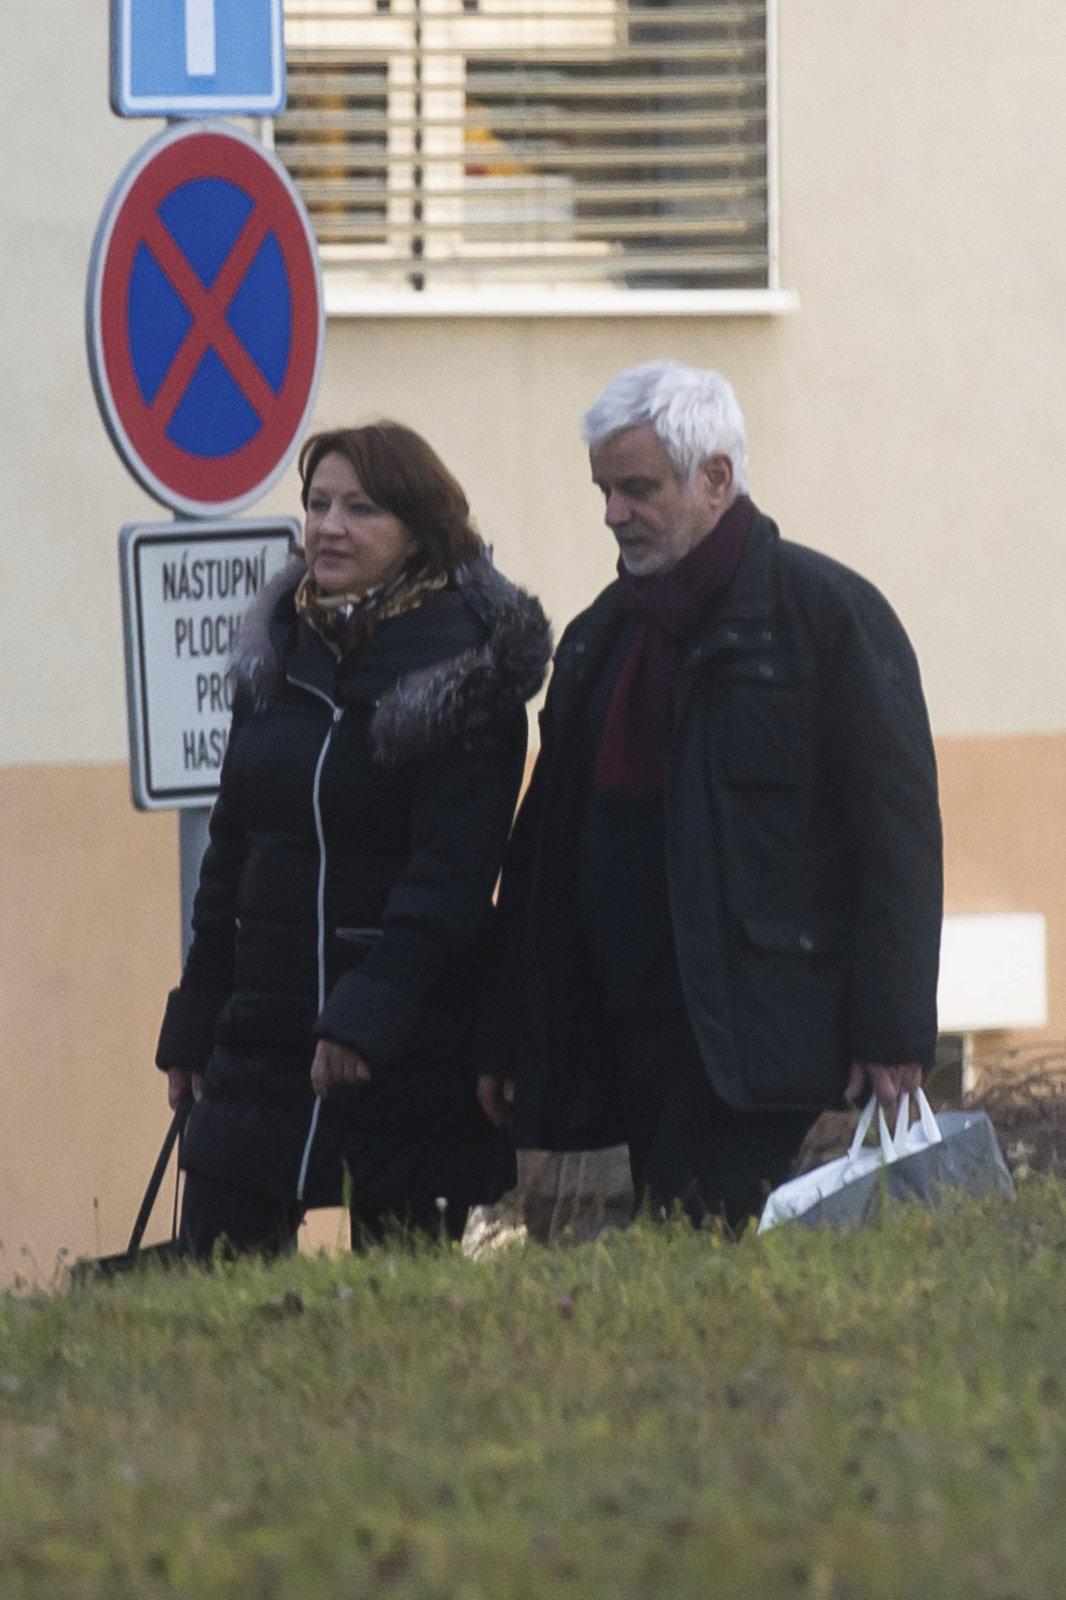 Manželé Petr Štěpánek a Zlata Adamovská u nemocnice